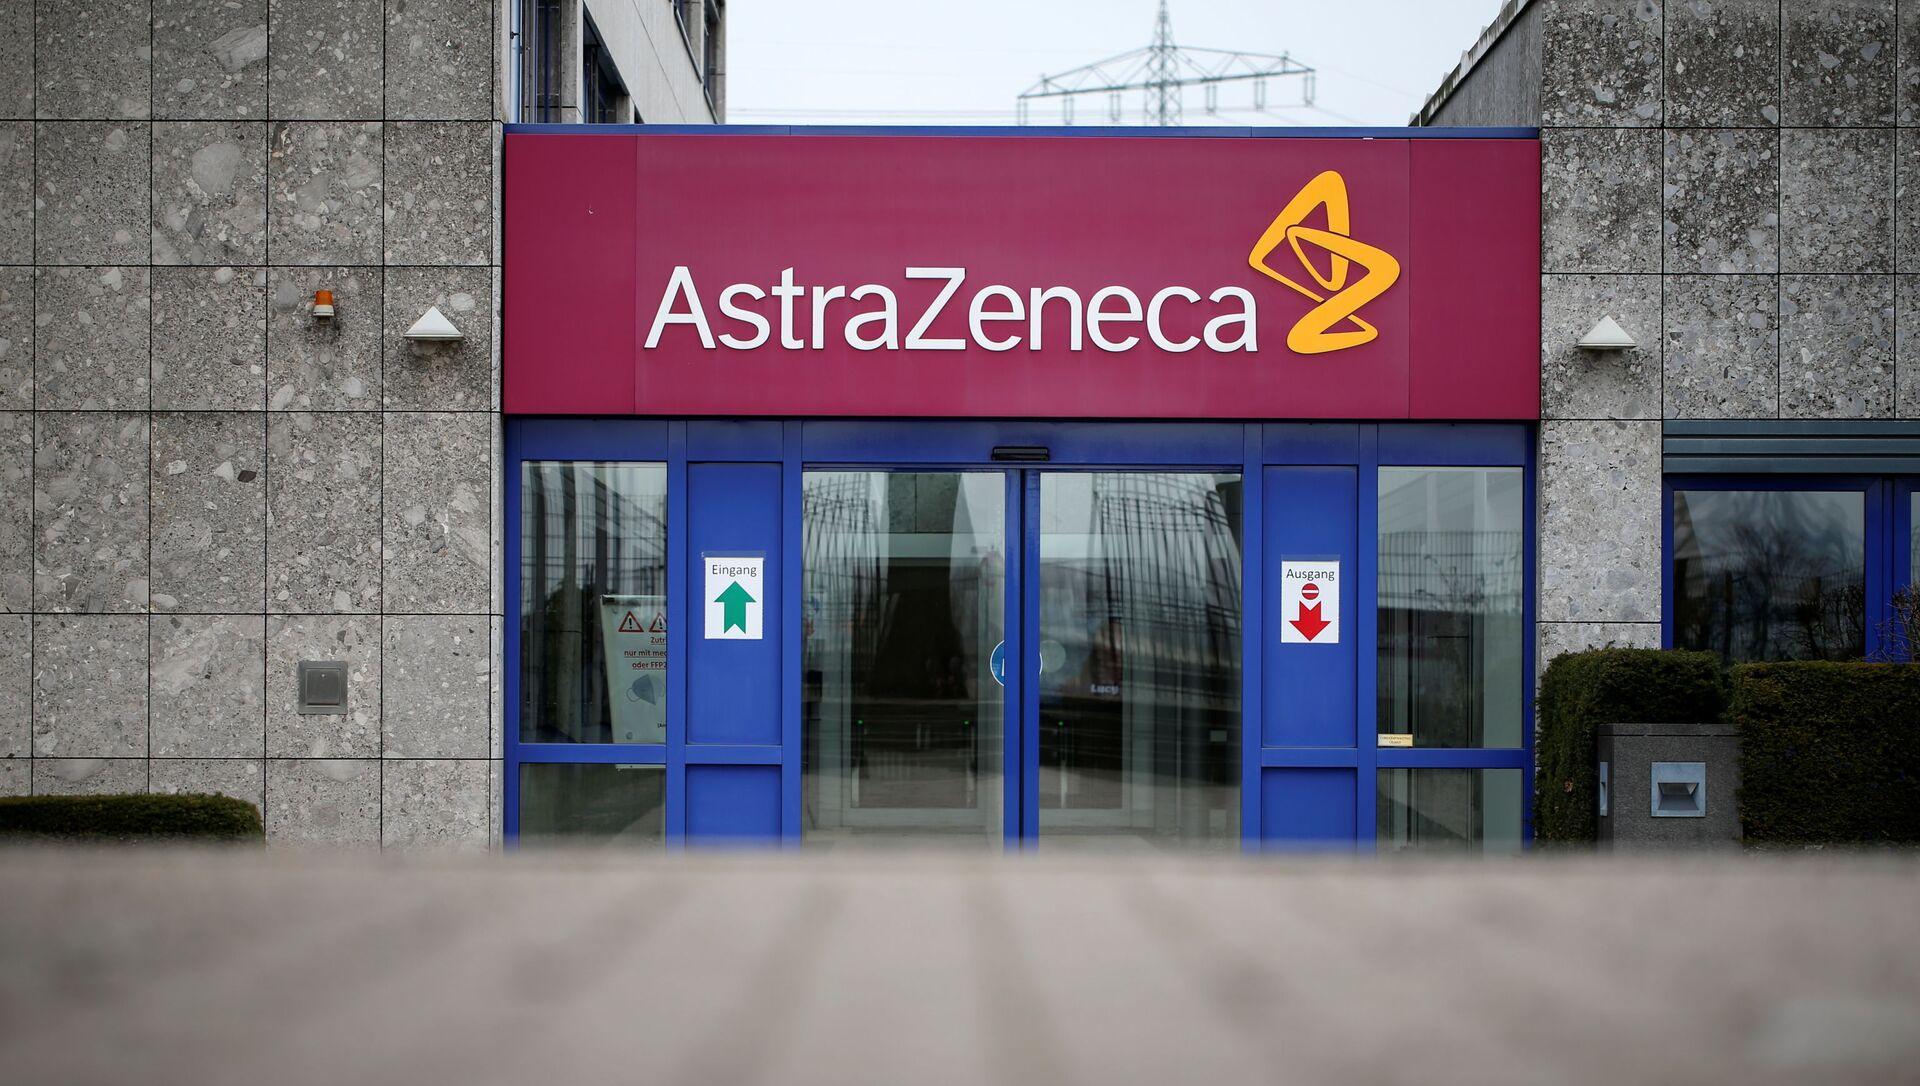 Siedziba szwedzko-brytyjskiej firmy farmaceutycznej AstraZeneca w pobliżu Hamburga, Niemcy - Sputnik Polska, 1920, 15.03.2021